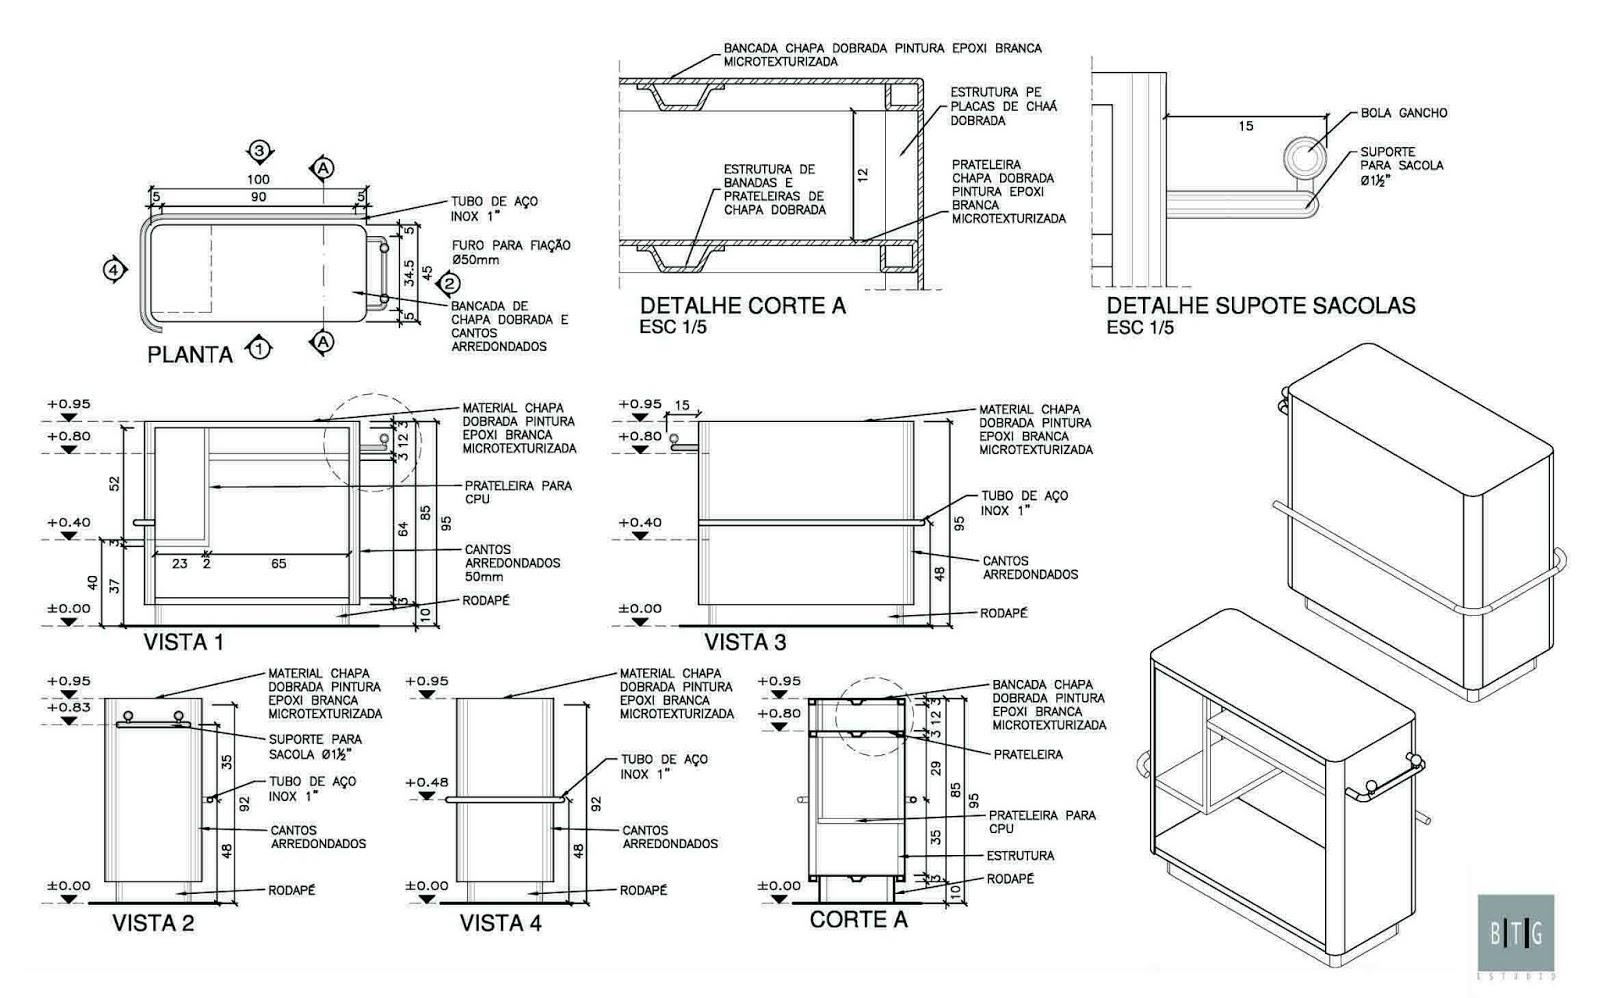 Imagens de #5A6E71 MARIANA PROJETISTA: Arquitetura #:Nichos de projeto de interiores 1600x998 px 3472 Bloco Autocad Banheiro Corte